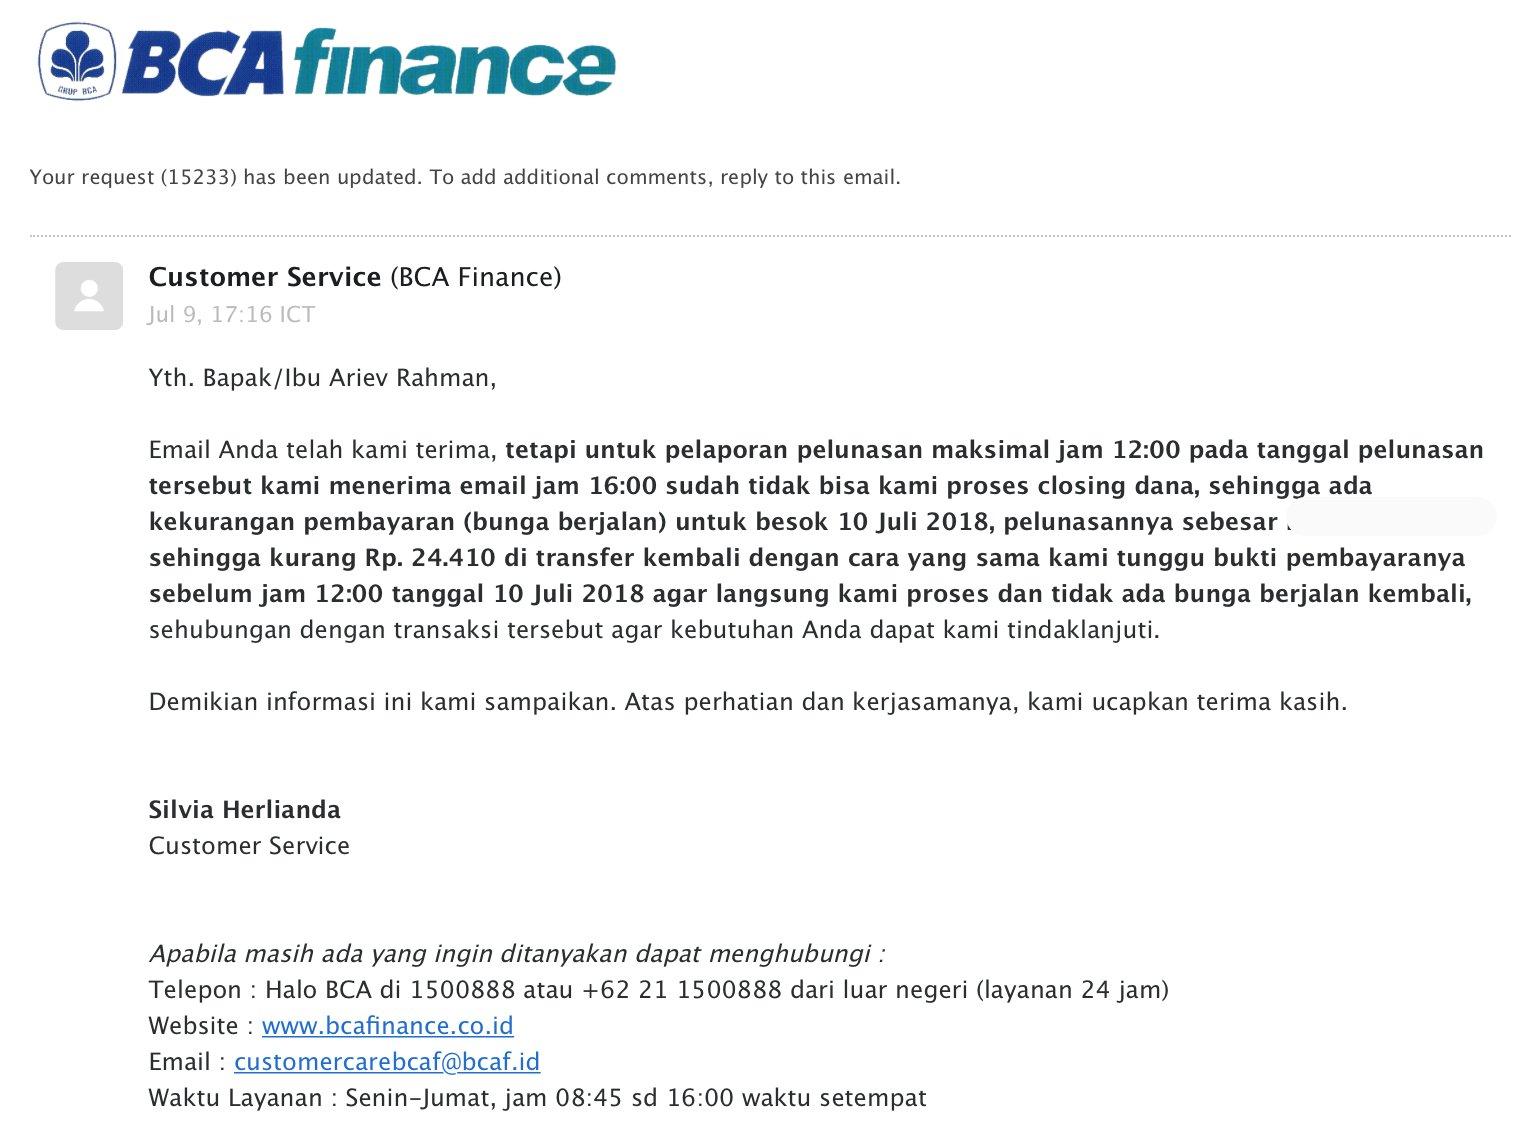 Muhammad Arif Rahman On Twitter Sungguh Dzalim Halobca Bankbca Bca Finance Ini Pembayaran Tidak Terlambat Namun Karena Khilaf Akibat Terlambat Melakukan Konfirmasi Pelunasan Pinjaman Melalui Email Yang Gue Gak Tahu Harus Dilakukan